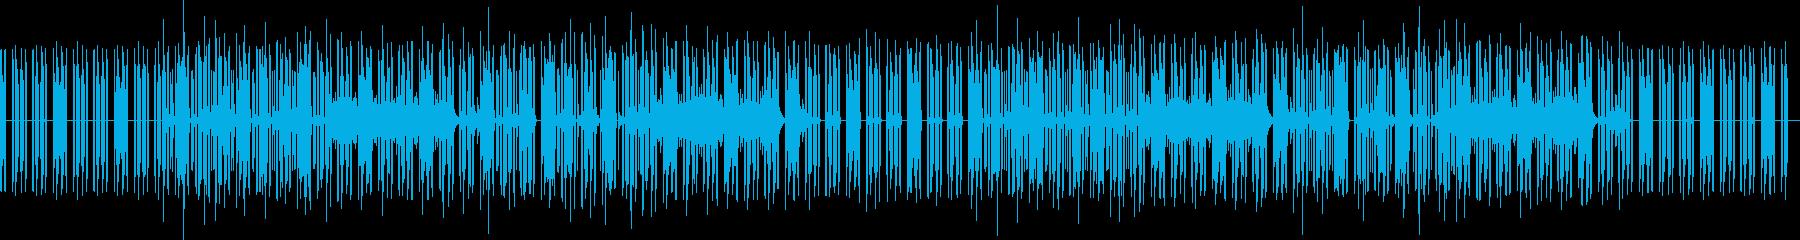 どうぶつのゲーム風な曲(ドラムなし)の再生済みの波形